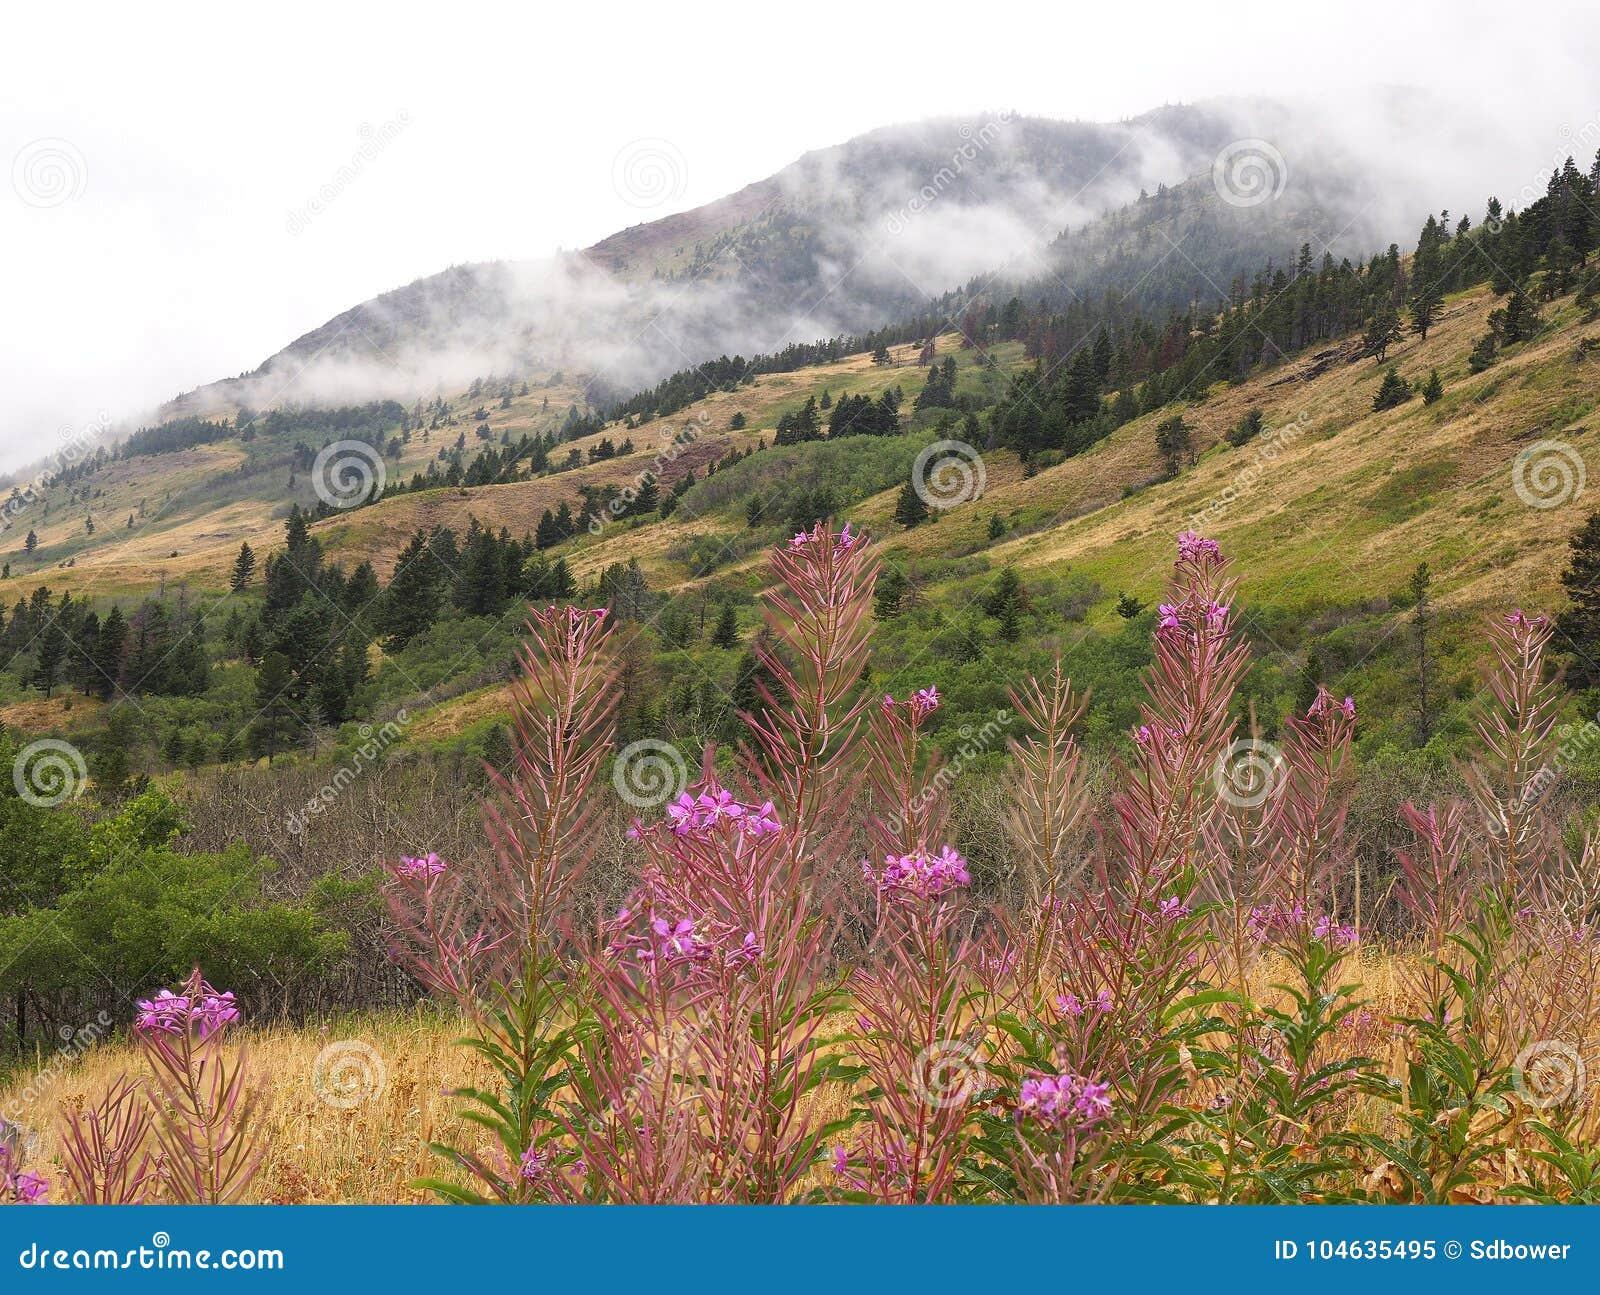 Download Nadruk Gestapeld Beeld Van Brandonkruid En Bergachtergrond Stock Afbeelding - Afbeelding bestaande uit bloemen, genaturaliseerd: 104635495